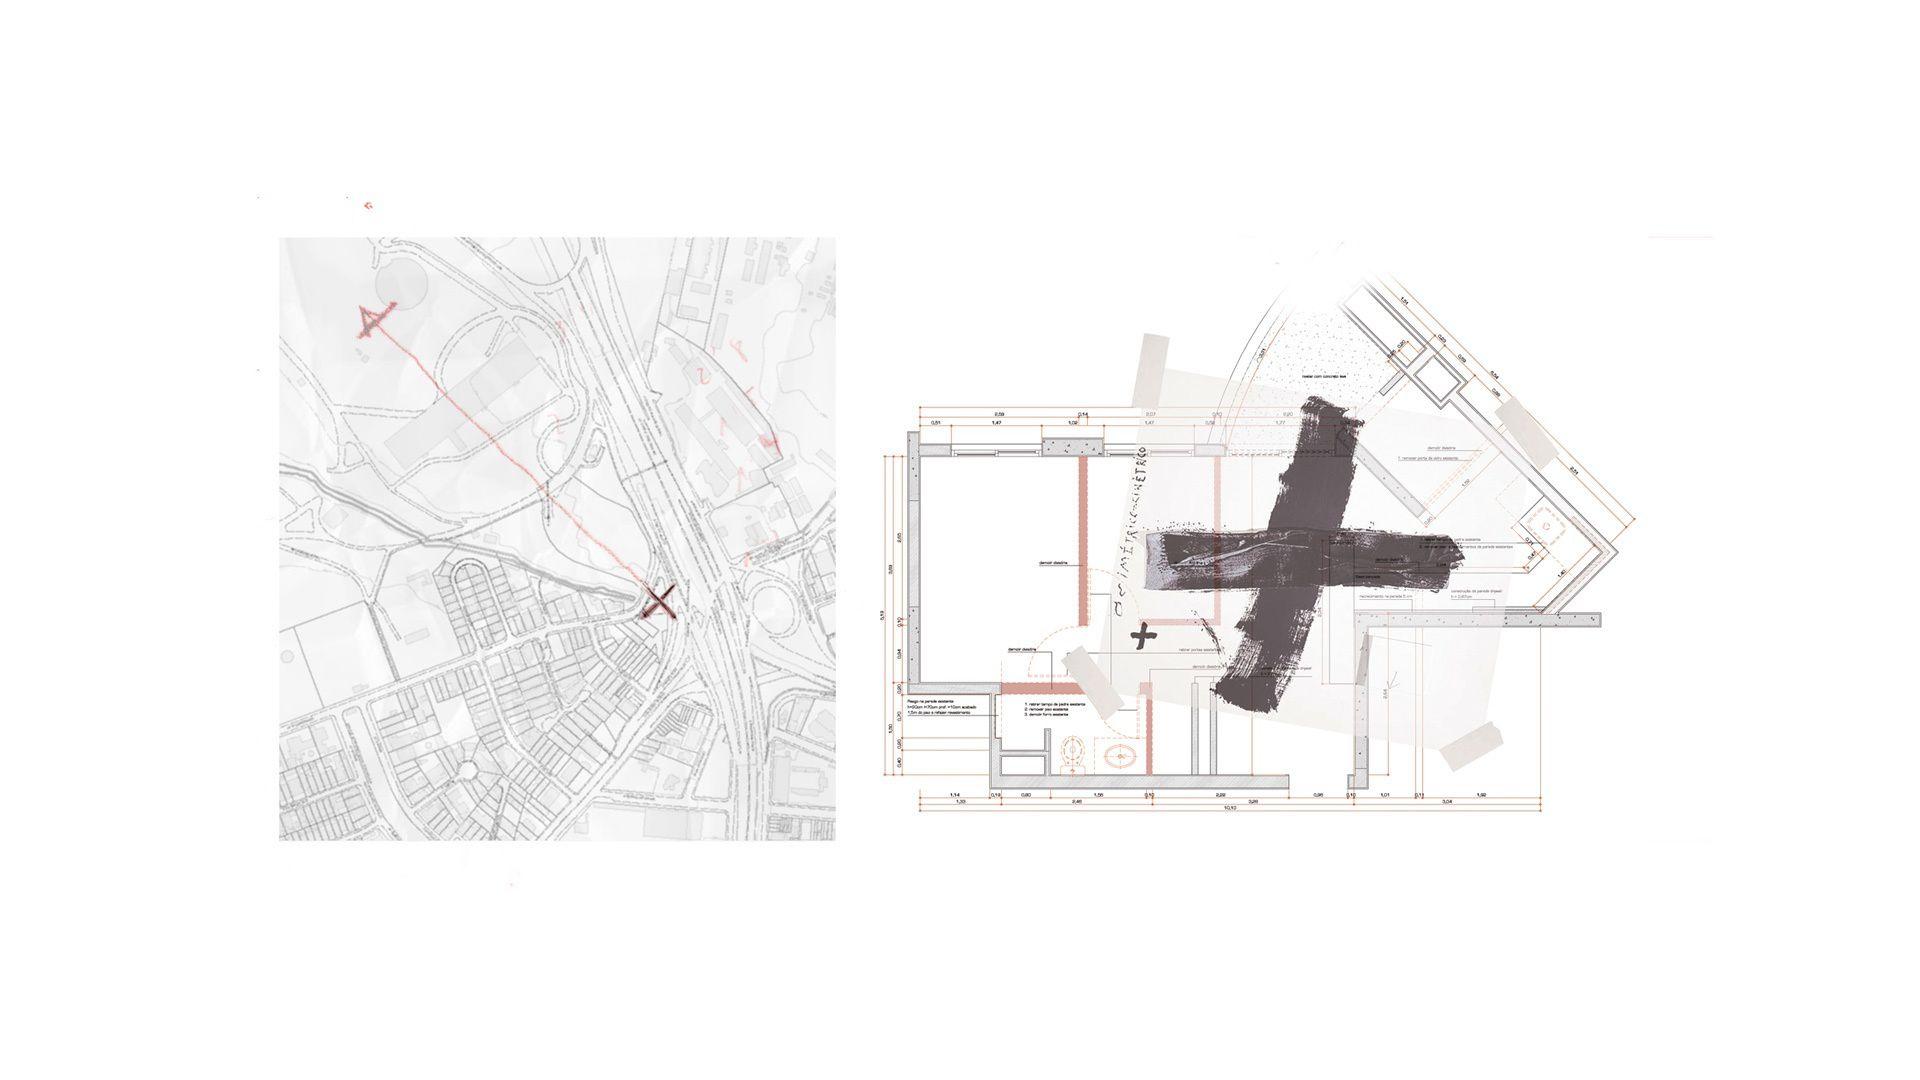 apartamento-ibirapuera-diagrama-entorno